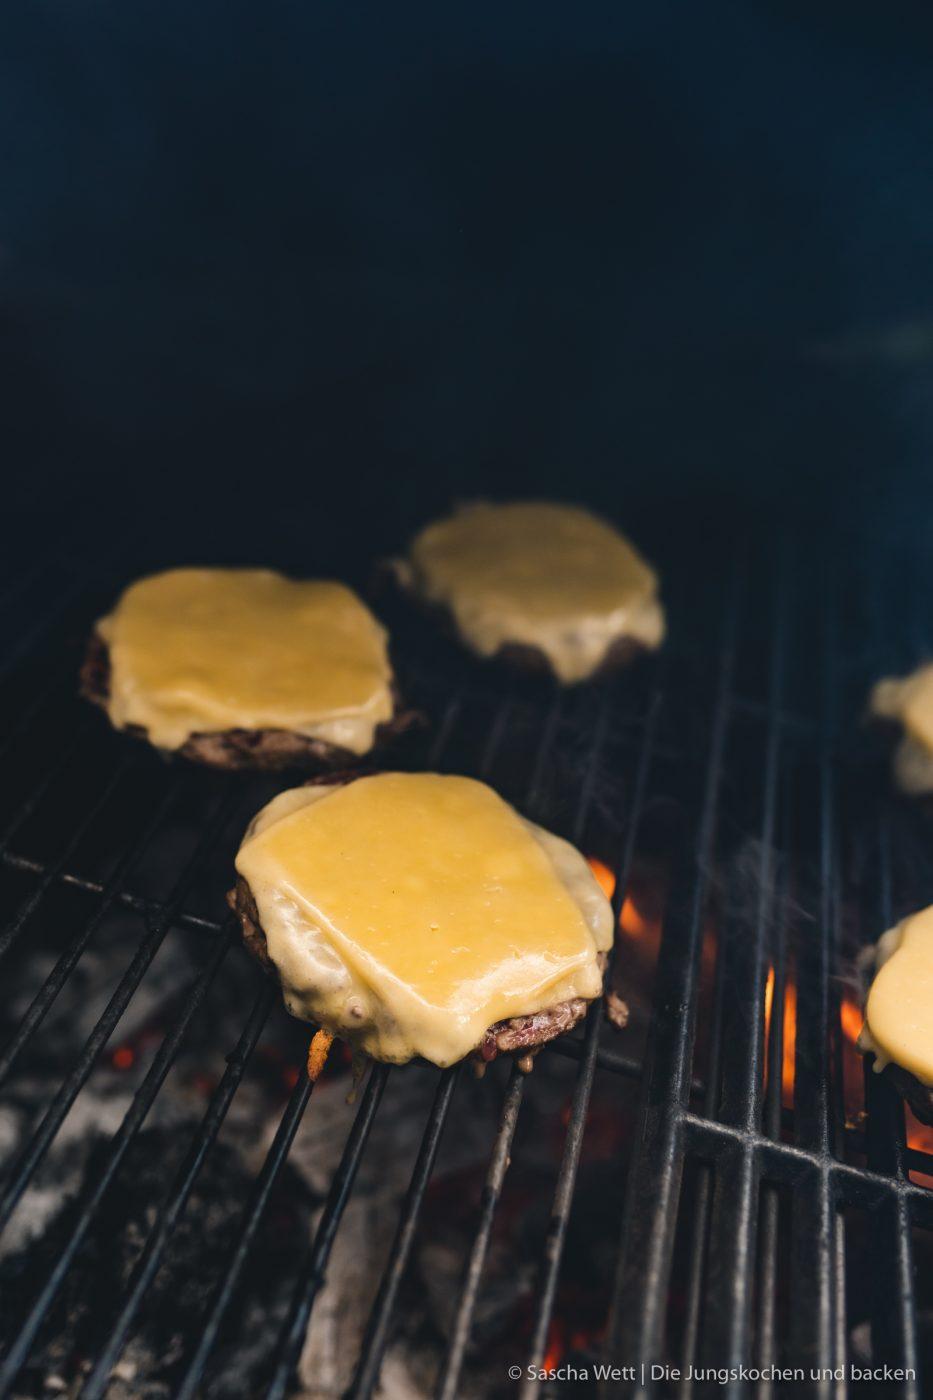 Wildschwein Burger Kerrygold 41 | Heute haben wir eine super leckere Burgerkreation von Torsten mit im Gepäck. Der eine oder andere von euch hat den Burger auch schon vor ein paar Wochen bei Instagram erspäht! Wir waren nämlich mit unserem Partner Kerrygold im schönen München. Dort haben wir aber nicht nur geschlemmt, sondern waren auch fleißig. Wir durften dort mit 50€ bewaffnet über den Viktualienmarkt flitzen und haben unseren ganz persönlichen Burger kreiiert. Torsten hat mit seinem Wildschwein-Chesseburger den zweiten Platz gemacht und daher wollen wir ihn euch nicht vorenthalten.